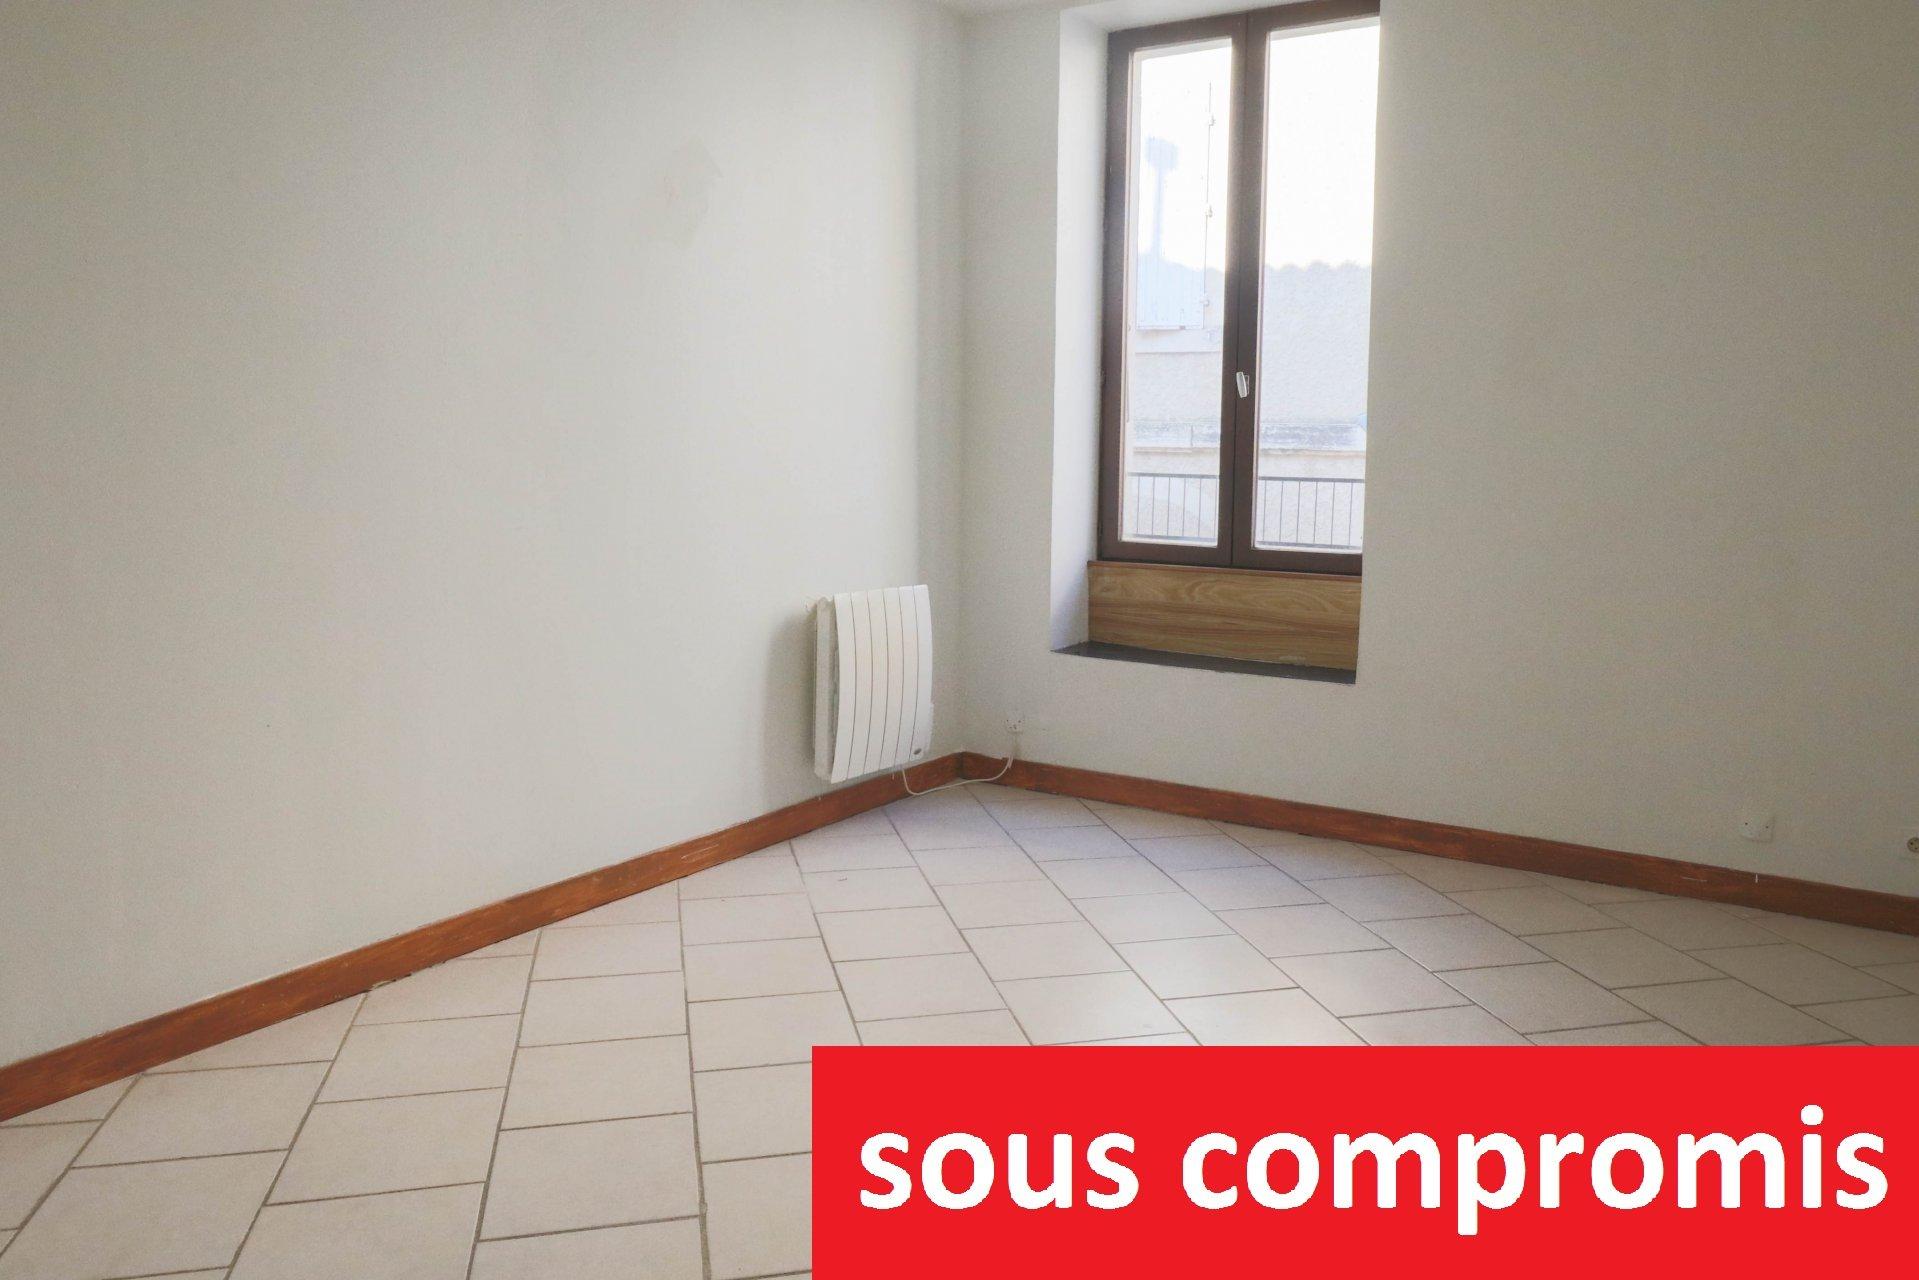 Vente Immeuble - Loriol-sur-Drôme